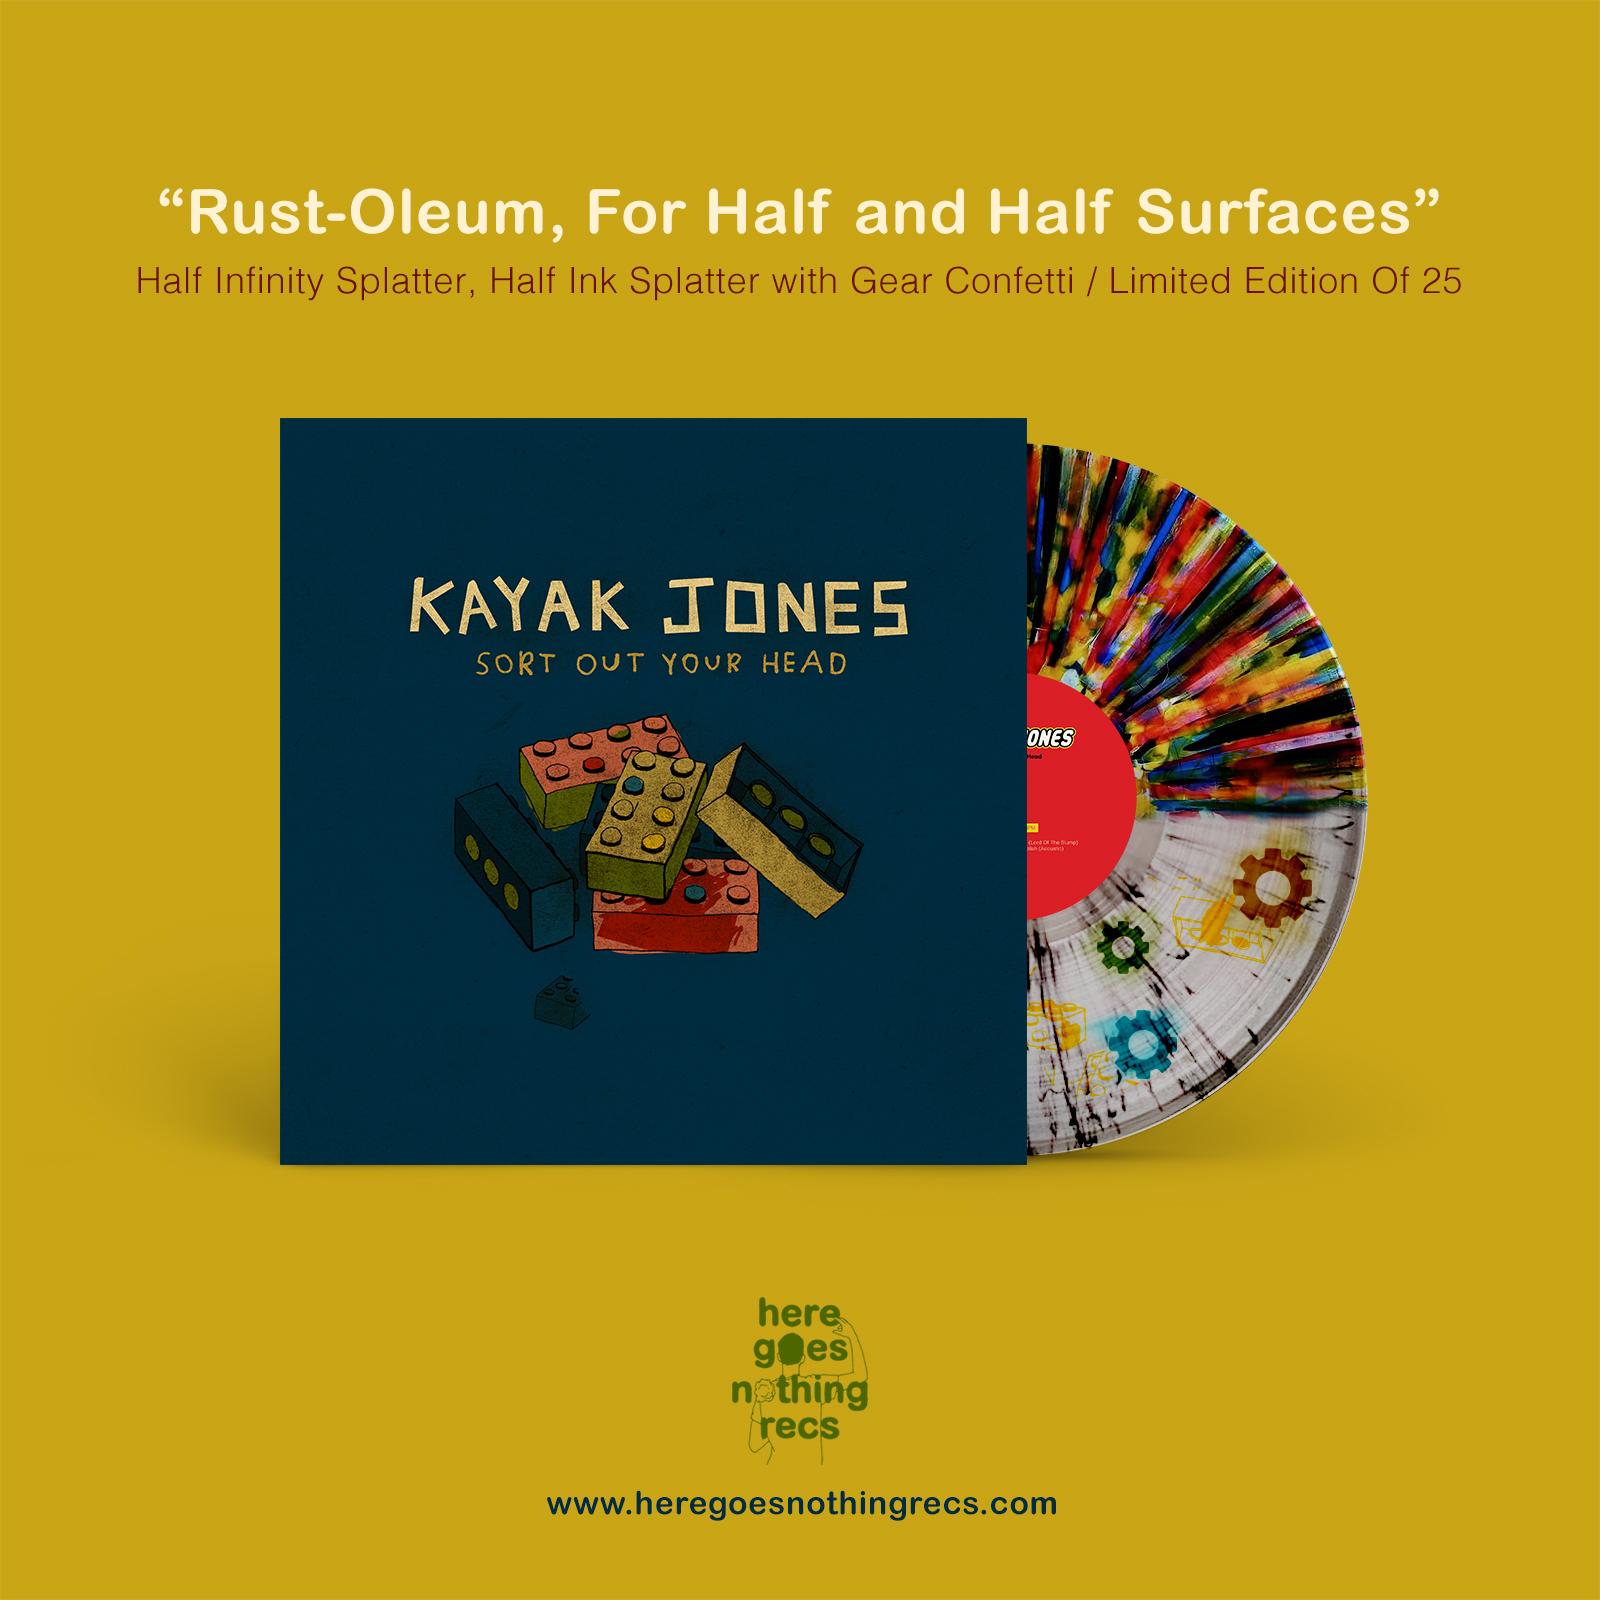 """Kayak Jones - """"Sort Out Your Head - EP"""""""